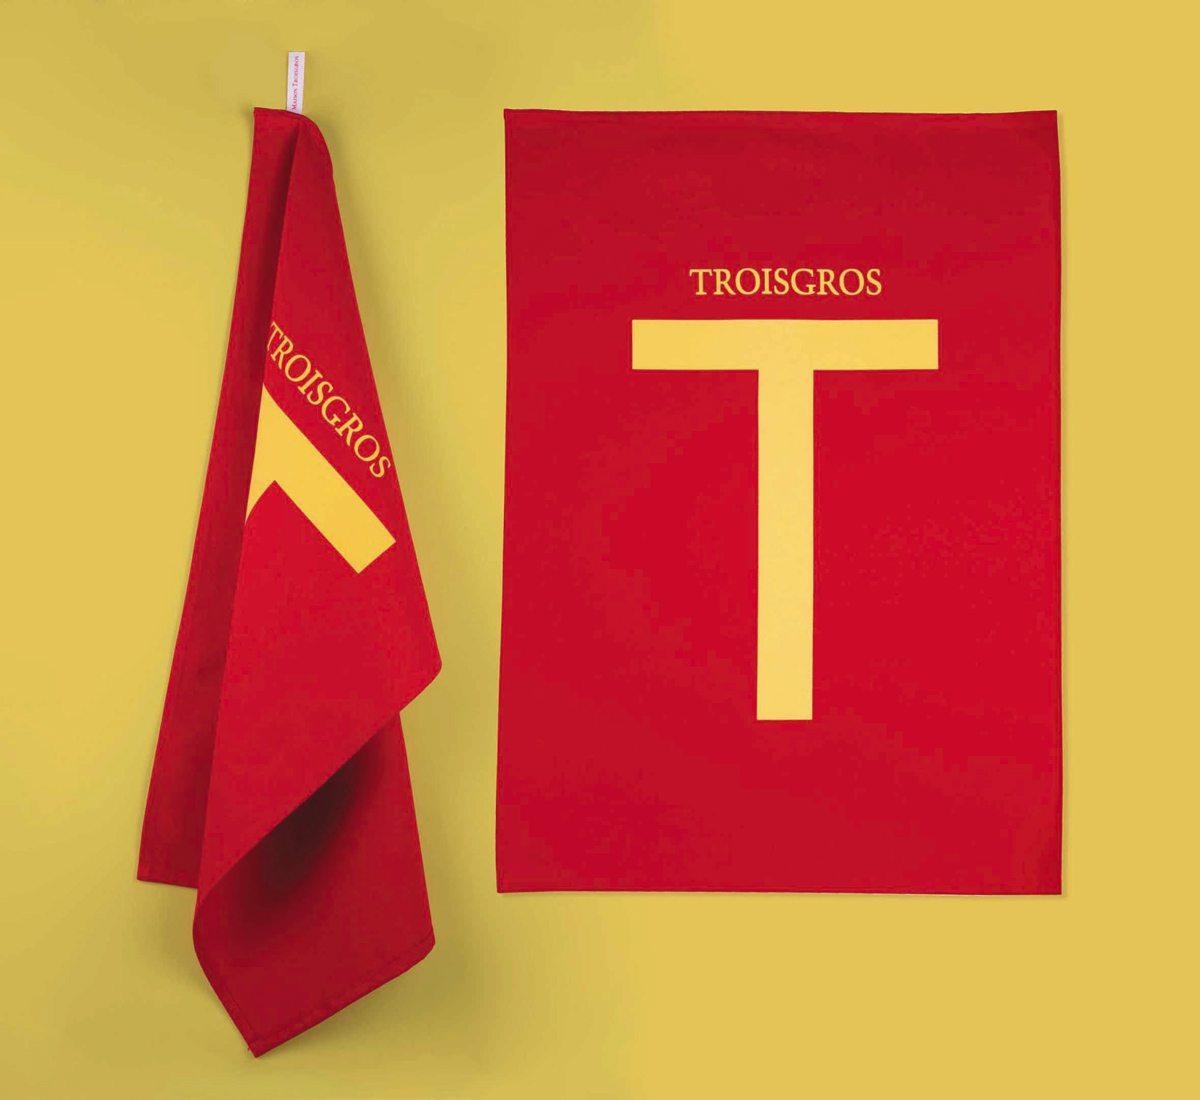 Torchons Troisgros, hôtel et restaurant étoilé, torchons jaune et carmin au design franc et pur, identité visuelle Ich&Kar